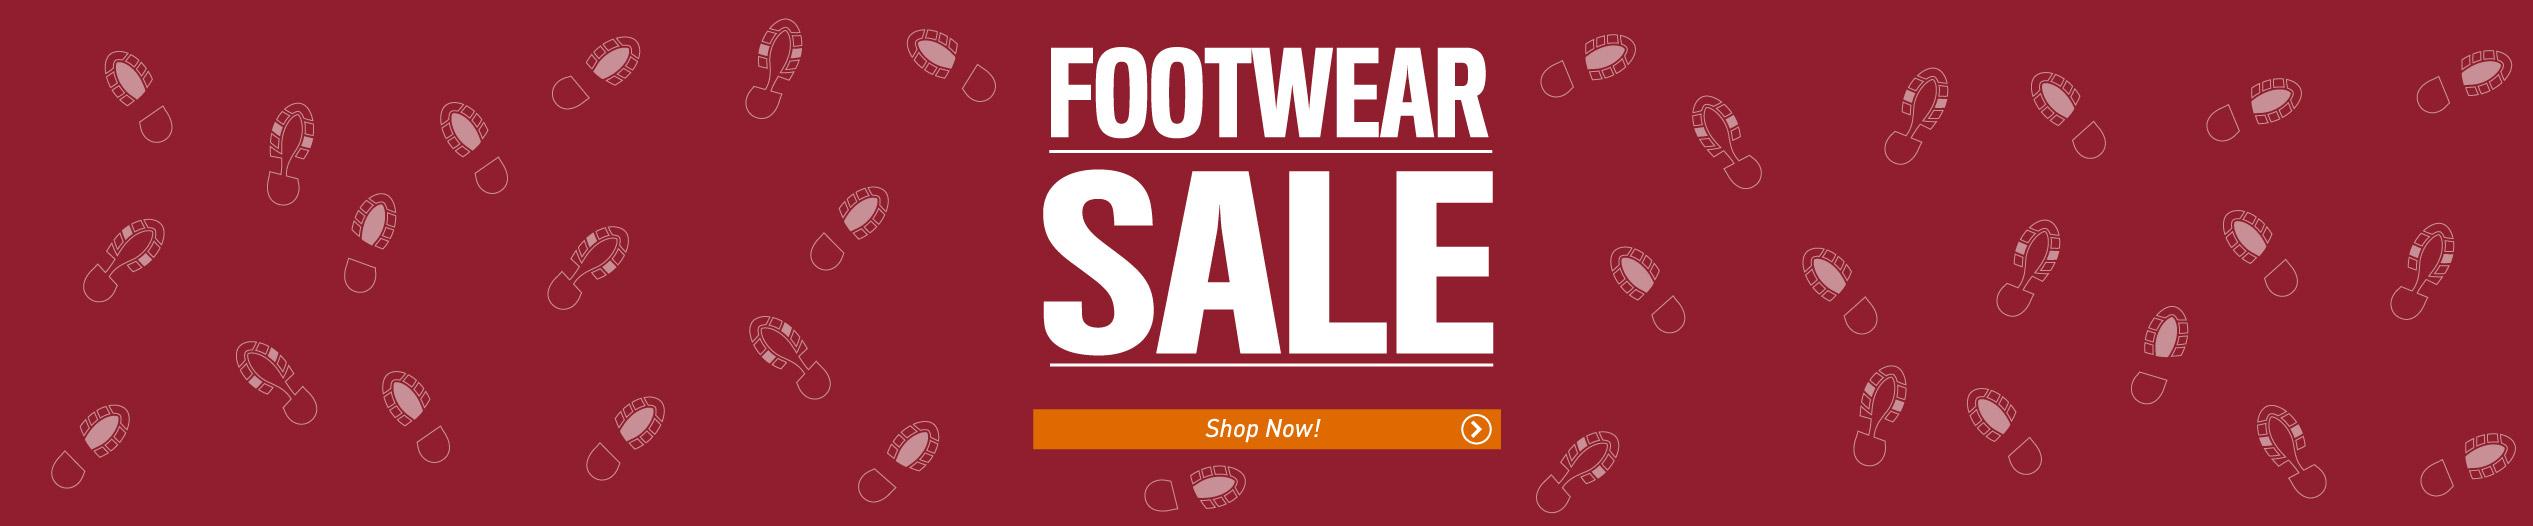 Dickies Dickies: Sale up to 80% off clothing, workwear & footwear